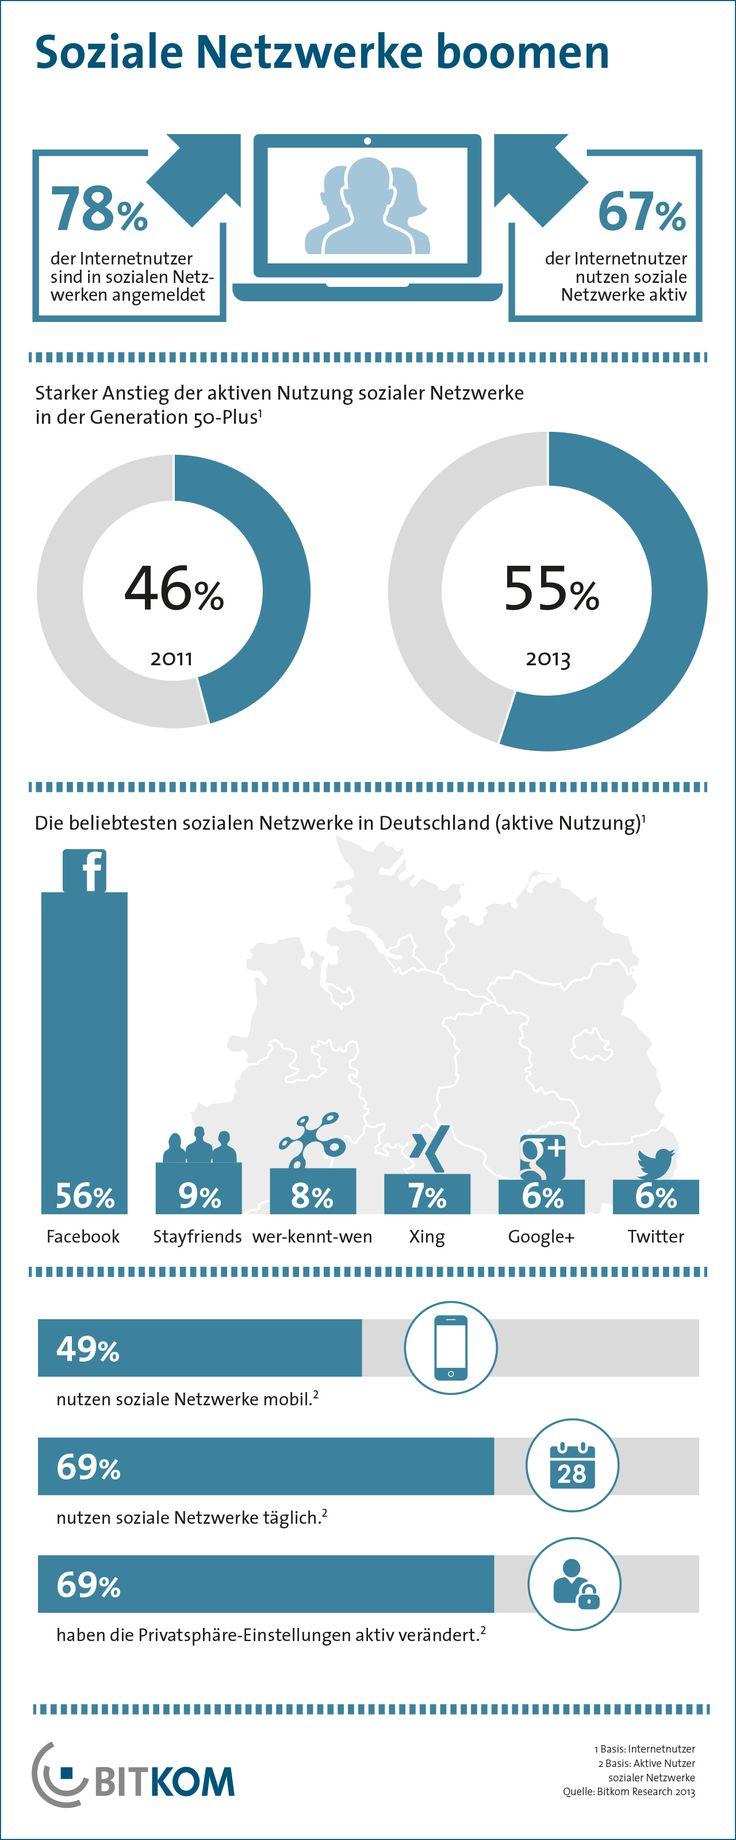 Vier von fünf (78 Prozent) Internetnutzern in Deutschland sind in einem sozialen Netzwerk angemeldet und zwei Drittel (67 Prozent) nutzen diese auch aktiv. Insbesondere bei den Älteren sind die Nutzerzahlen gestiegen: 55 Prozent der Internetnutzer in der Generation 50-Plus sind derzeit in sozialen Netzwerken aktiv. Zum Vergleich: Vor zwei Jahren waren es erst 46 Prozent.